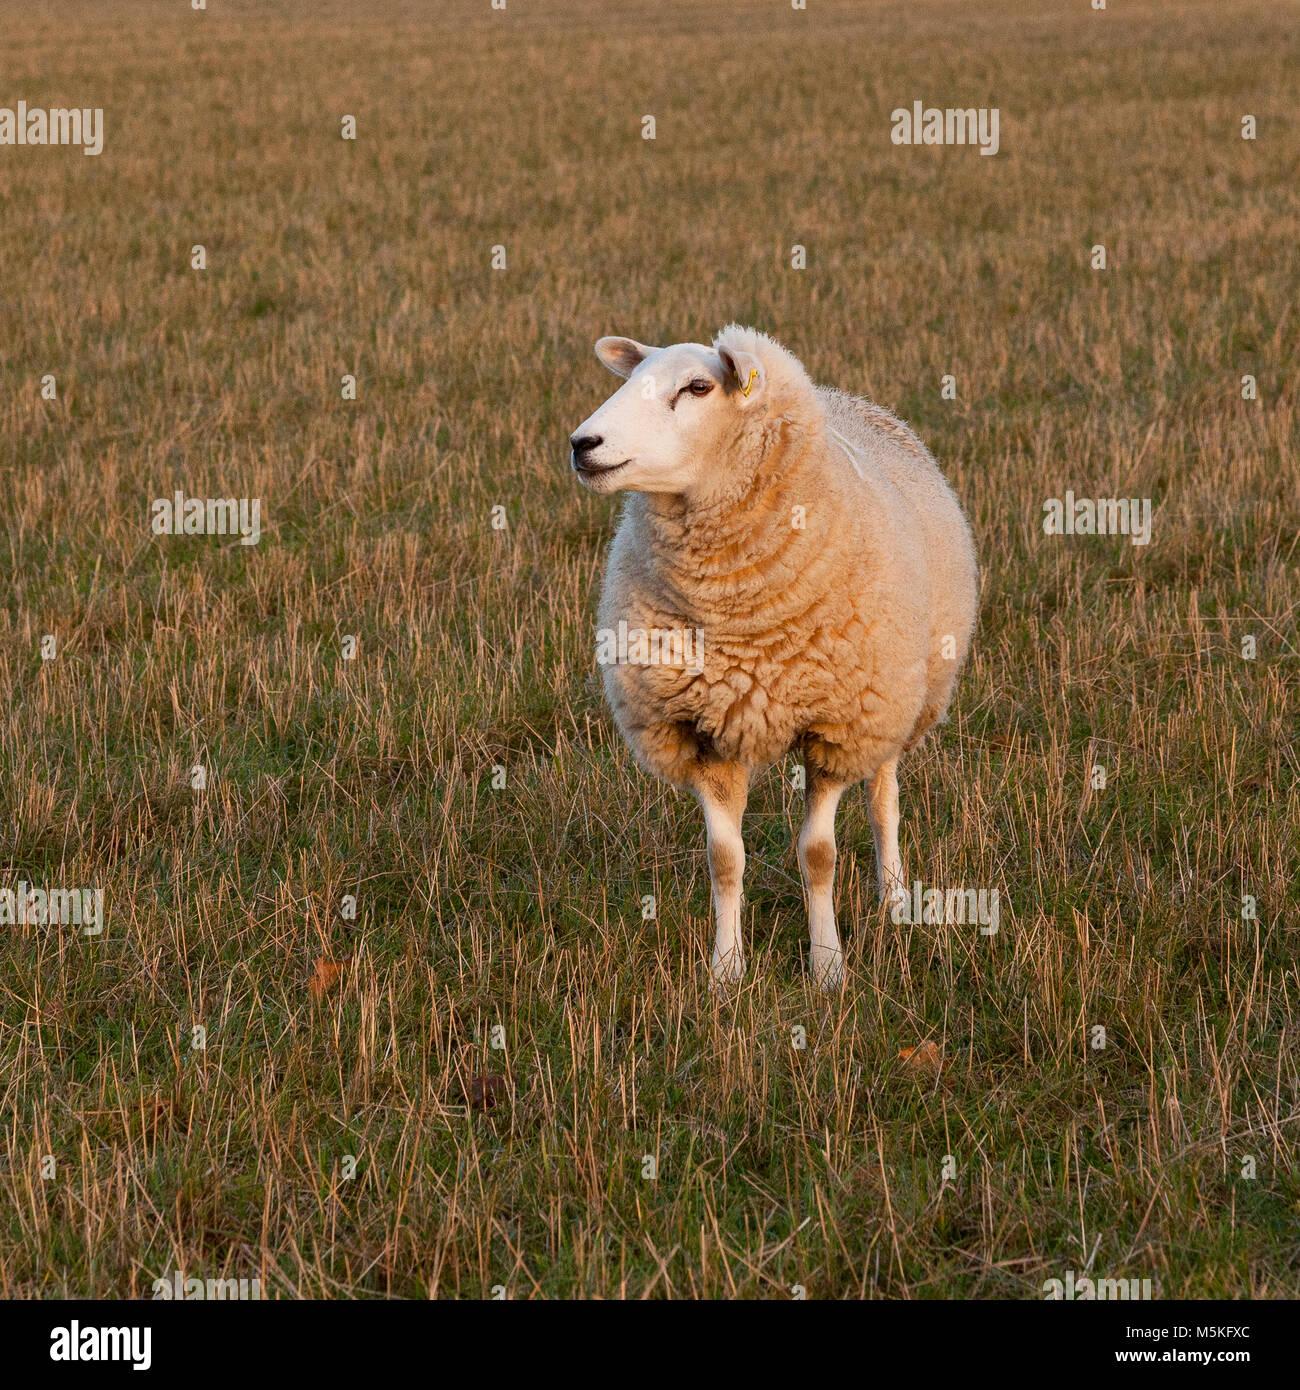 Ein weißes Schaf stehend in einem Gras Feld Stockfoto